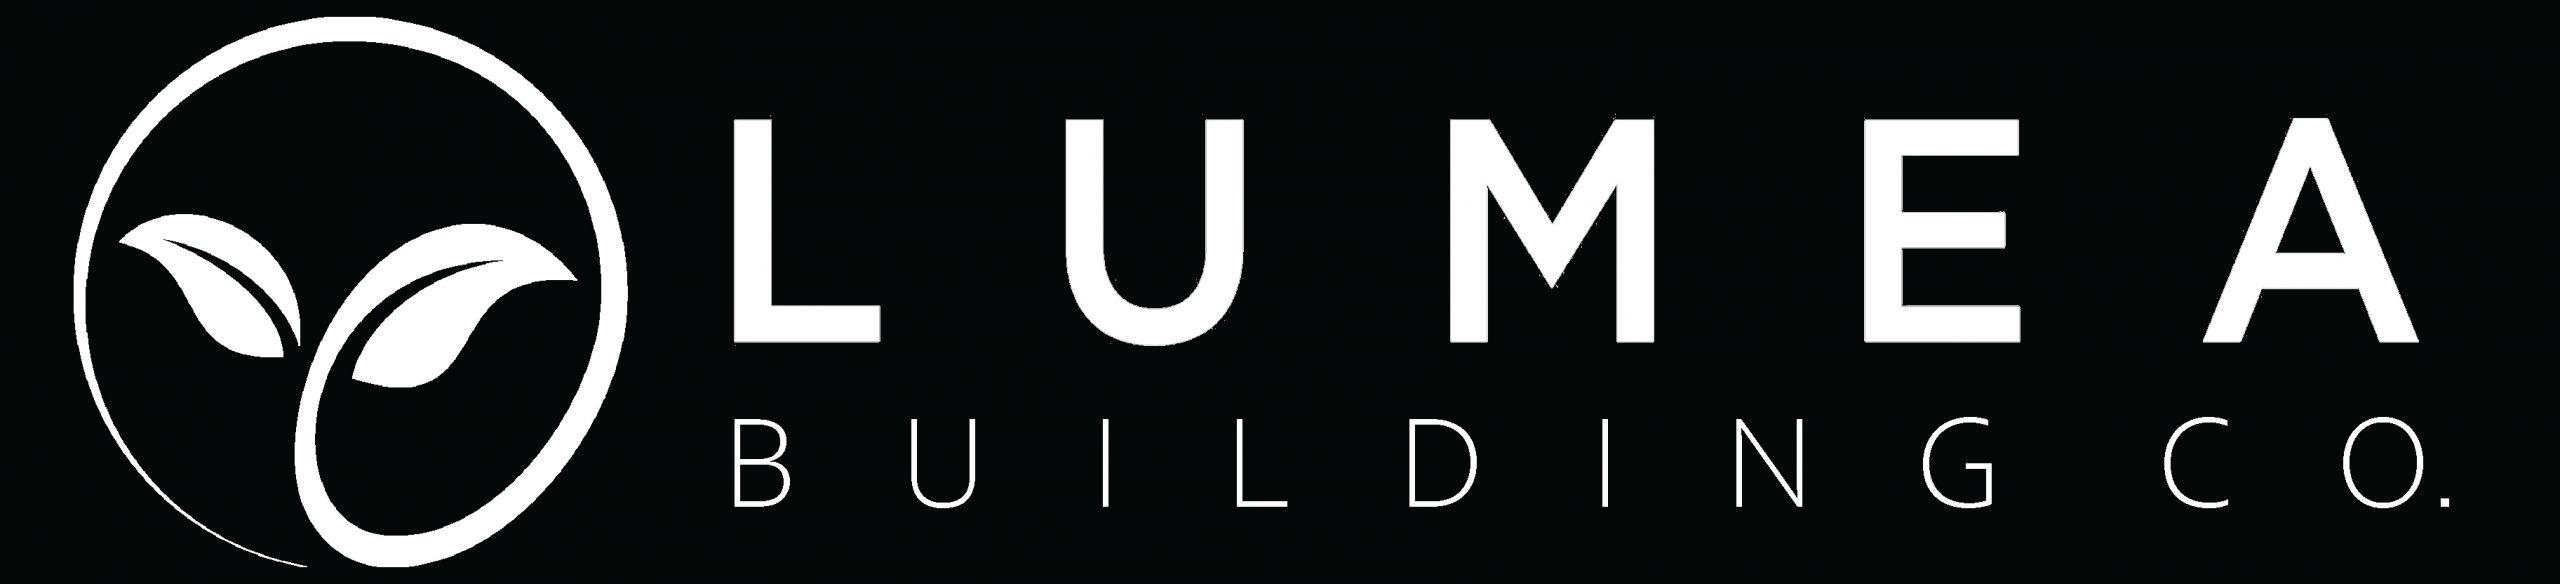 Lumea Building Co.